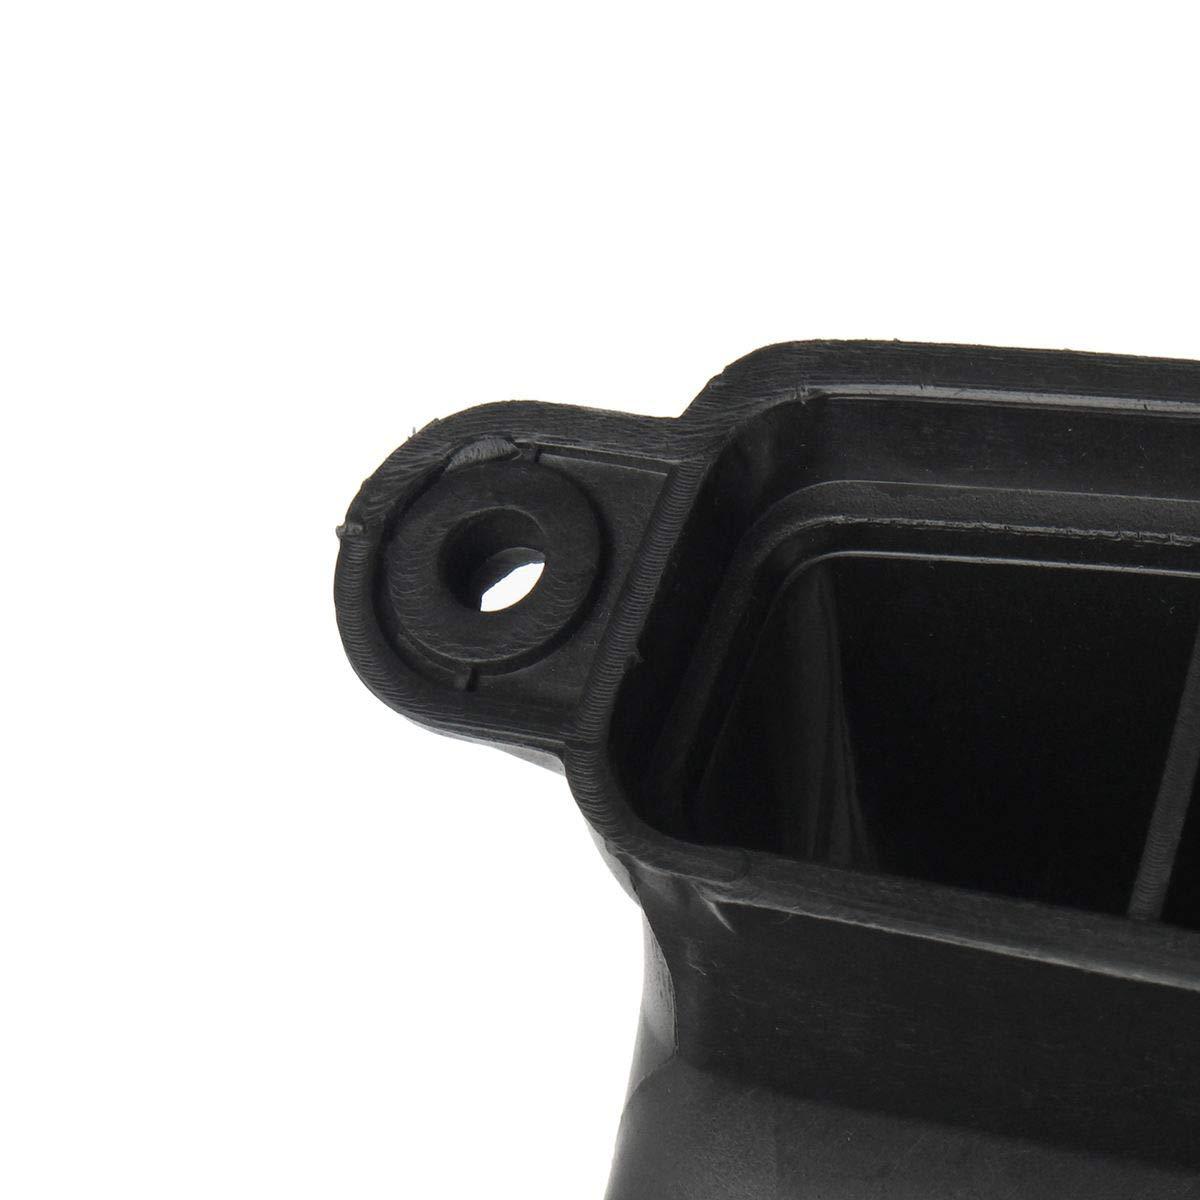 Semoic 1Pcs Nuevo Negro Conducto De Entrada De Aire para E84 X1 3.0 E90 E91 E92 328I Conducto De Admisi/ón del Coche De Aire Tubo De Admisi/ón De Aire 13717541738